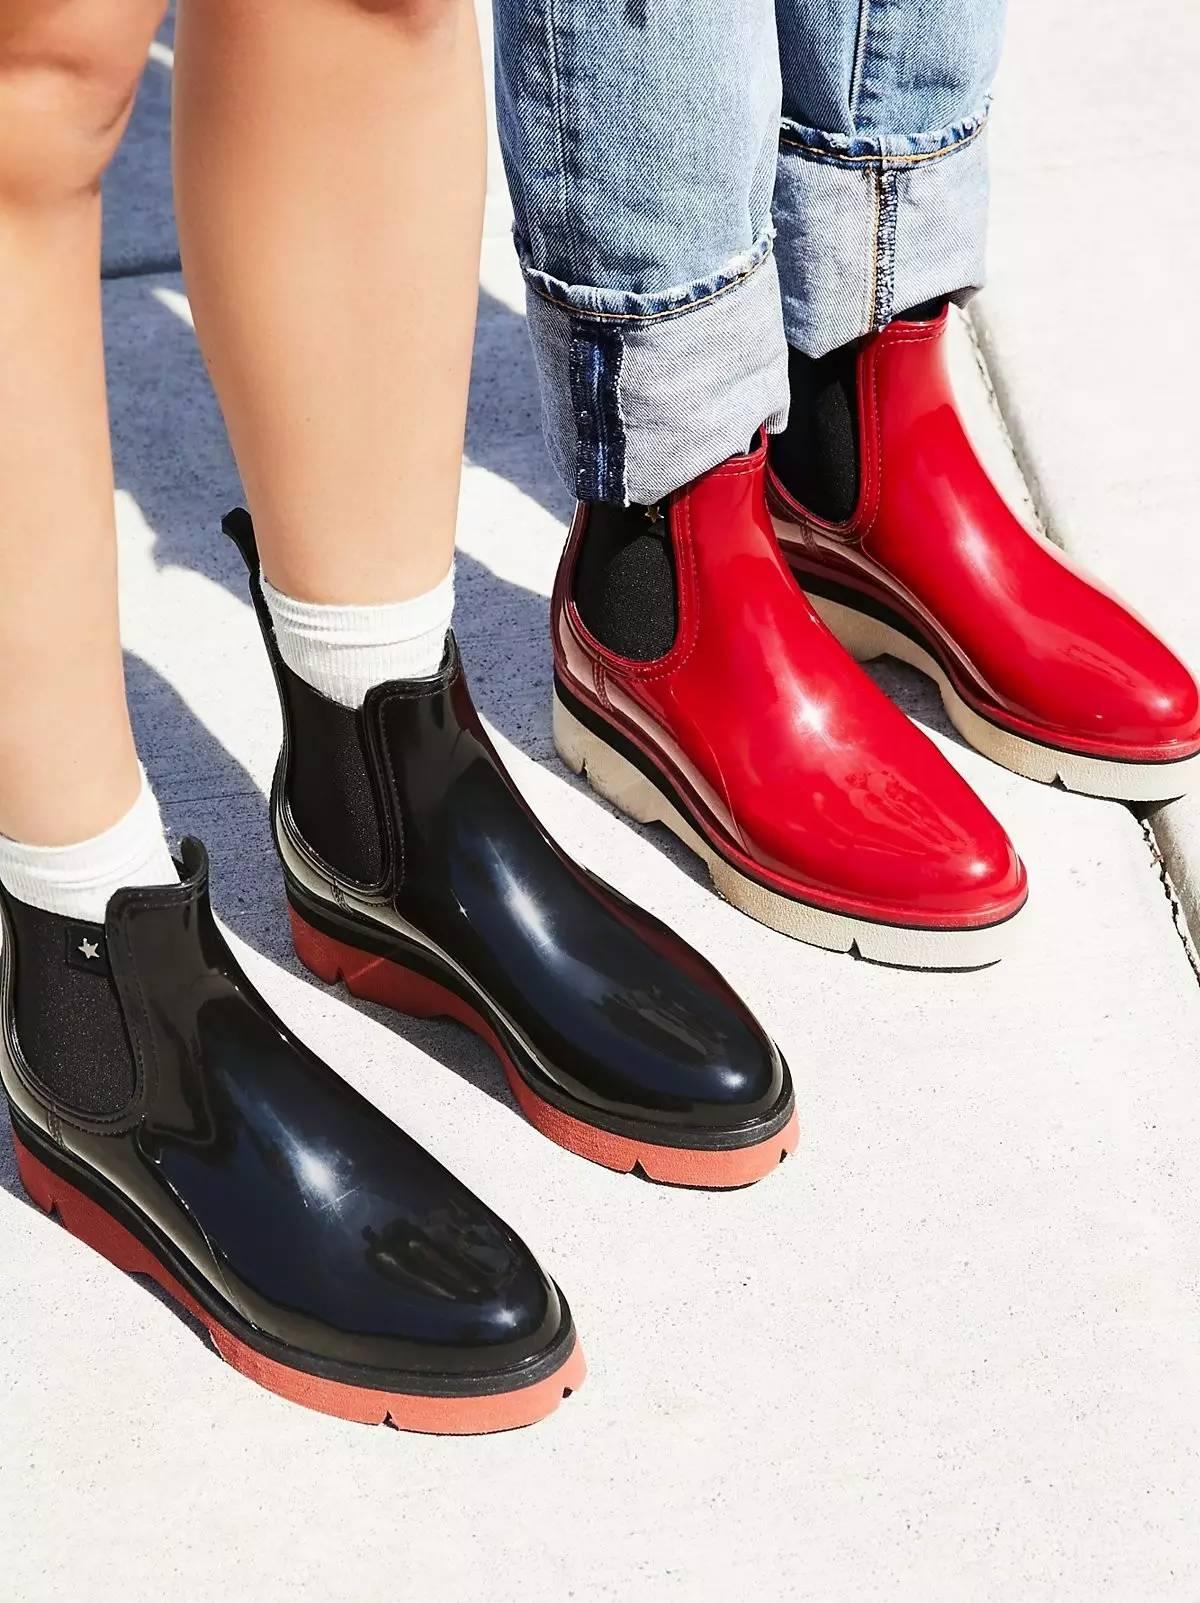 最适合凹造型的 free people   如果你喜欢厚底鞋,那么不妨关注一下 jeffrey campbell 的厚底雨靴.